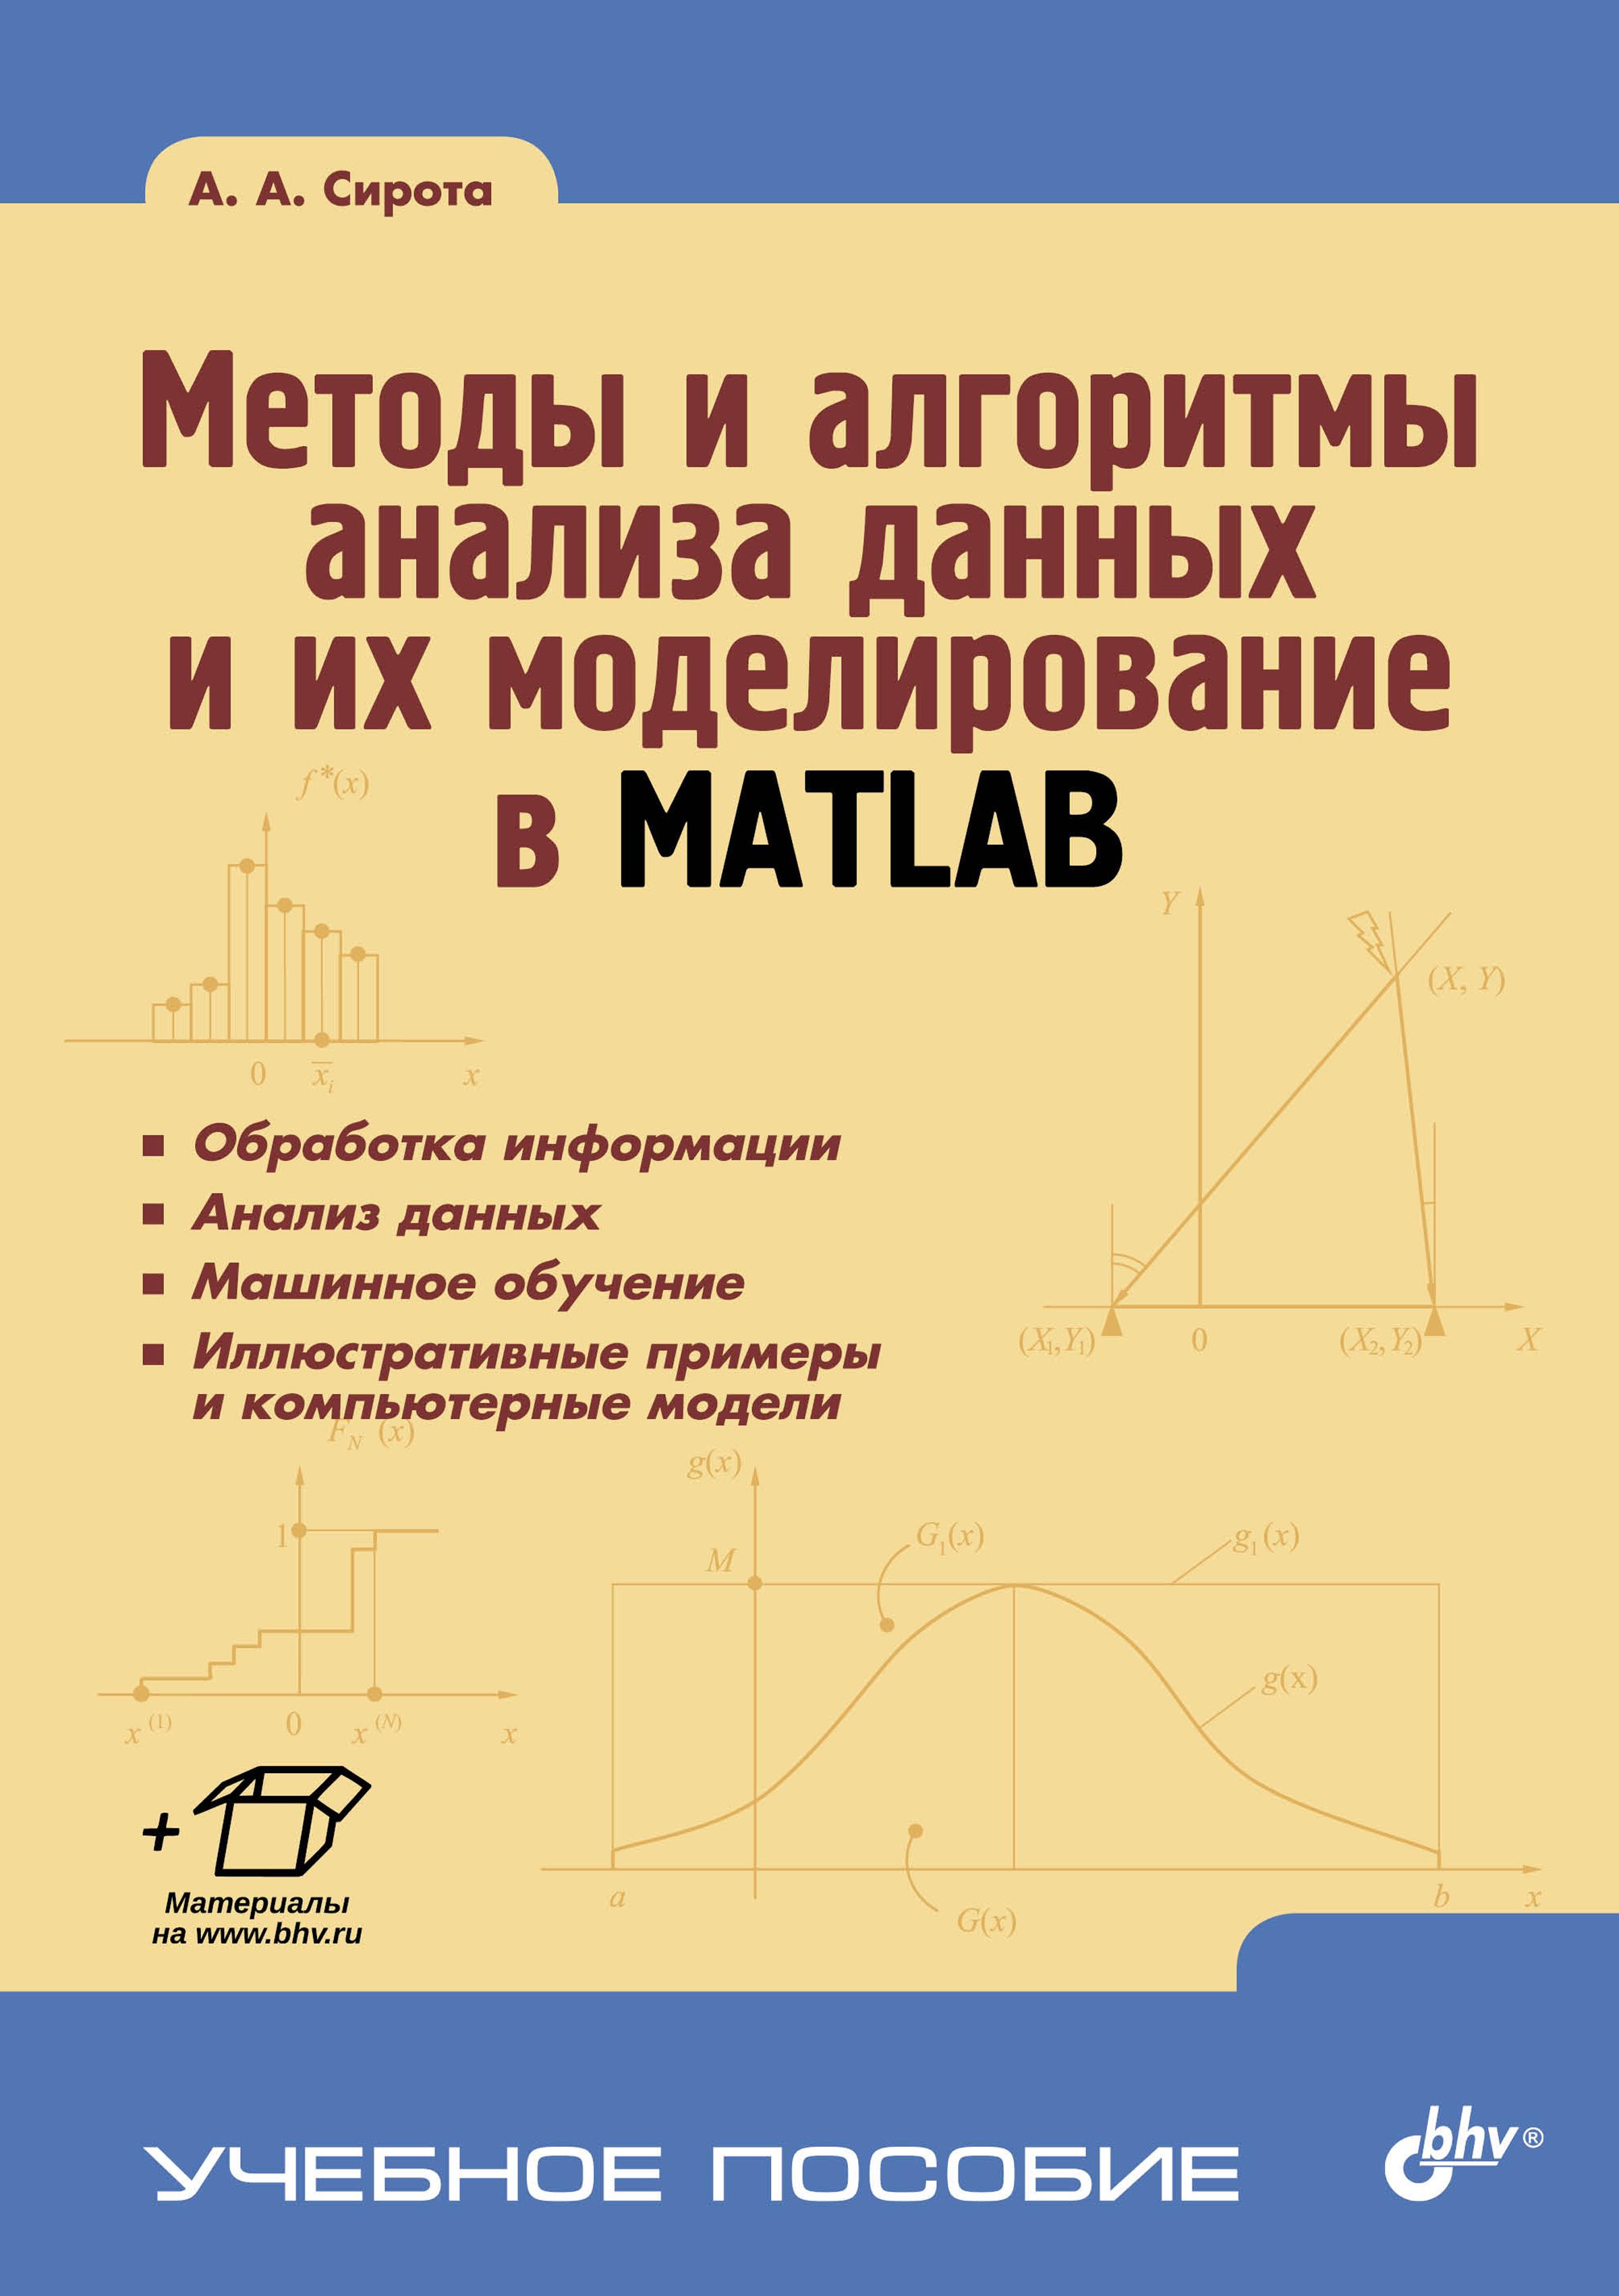 А. А. Сирота Методы и алгоритмы анализа данных и их моделирование в MATLAB гладкий а восстановление компьютерных данных